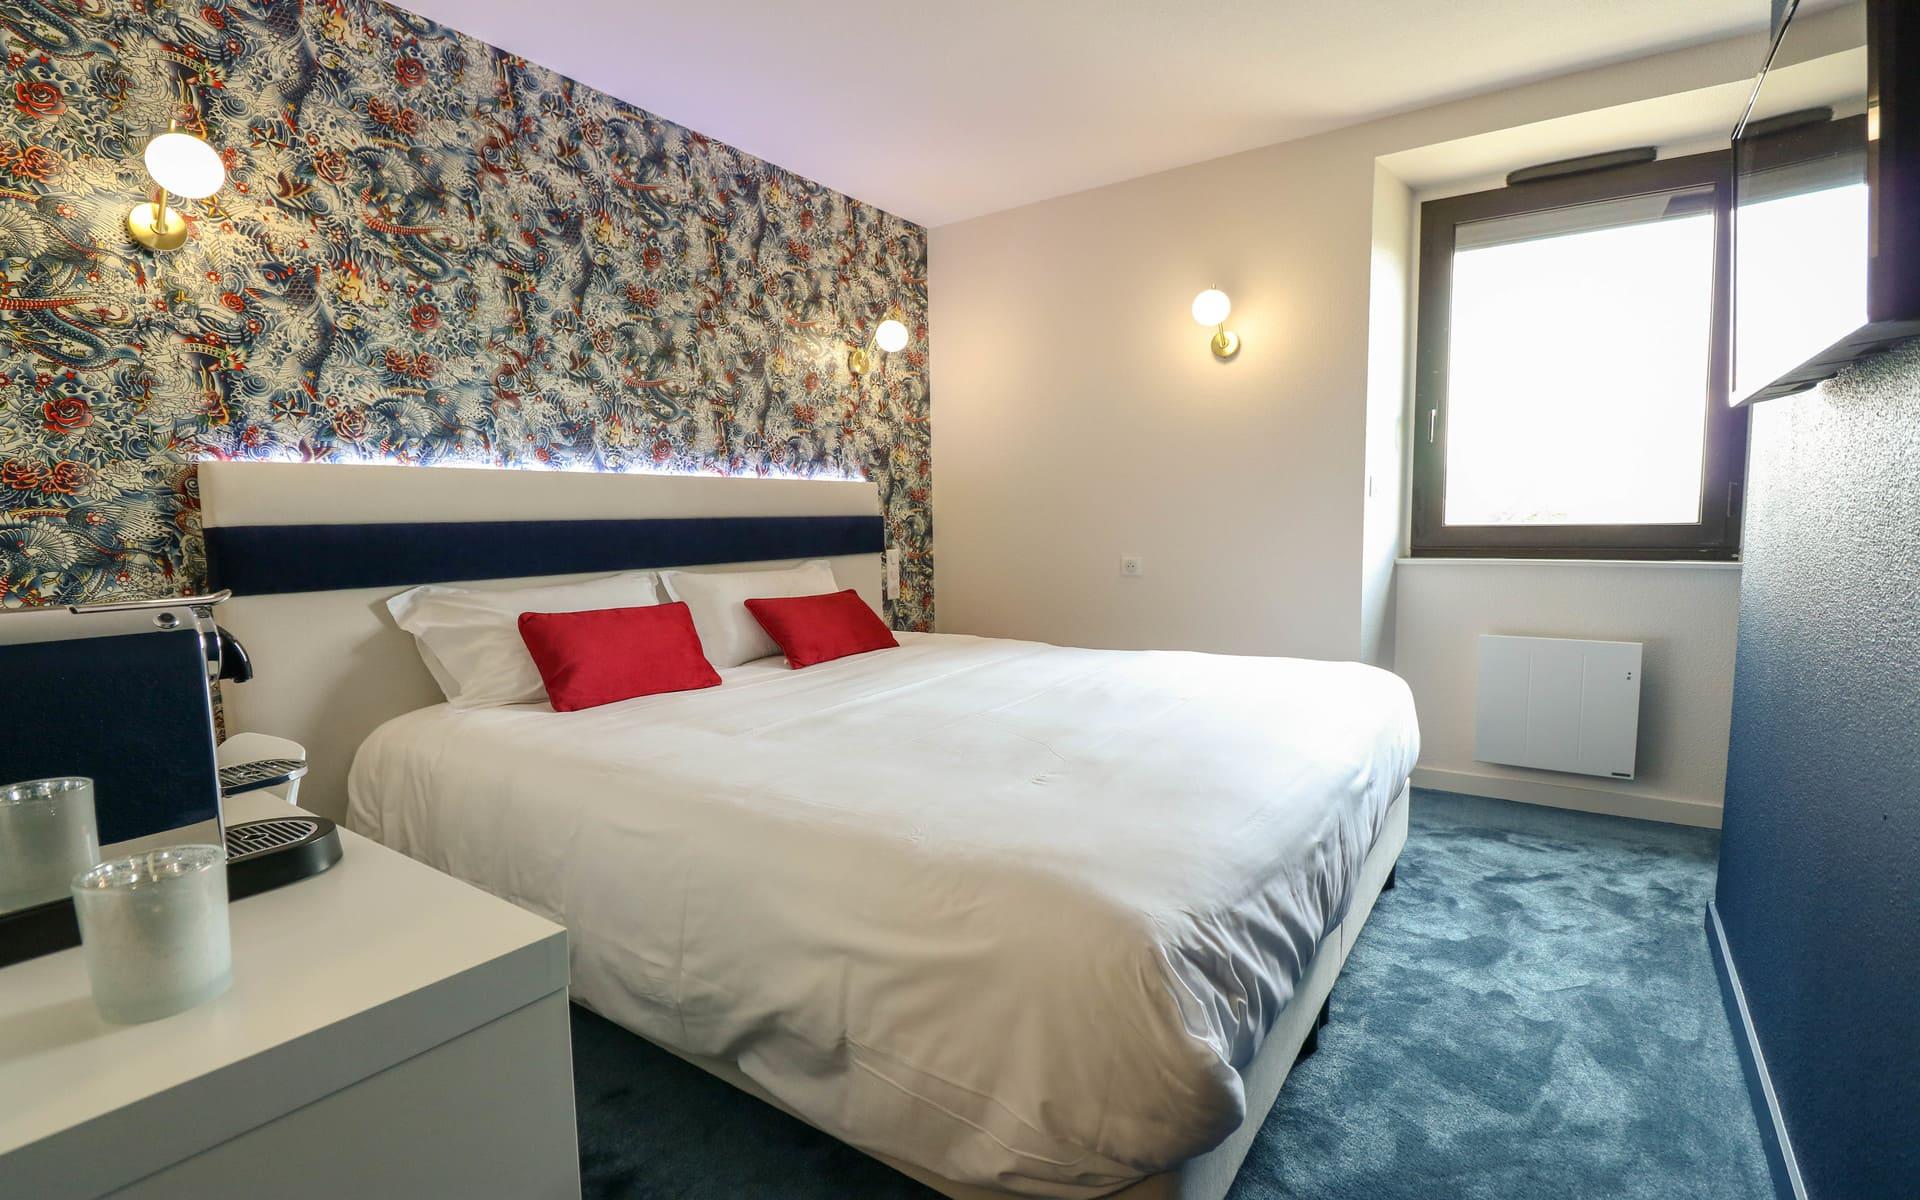 Chambres double deluxe - Hôtel 3 étoiles parc exposition Rennes